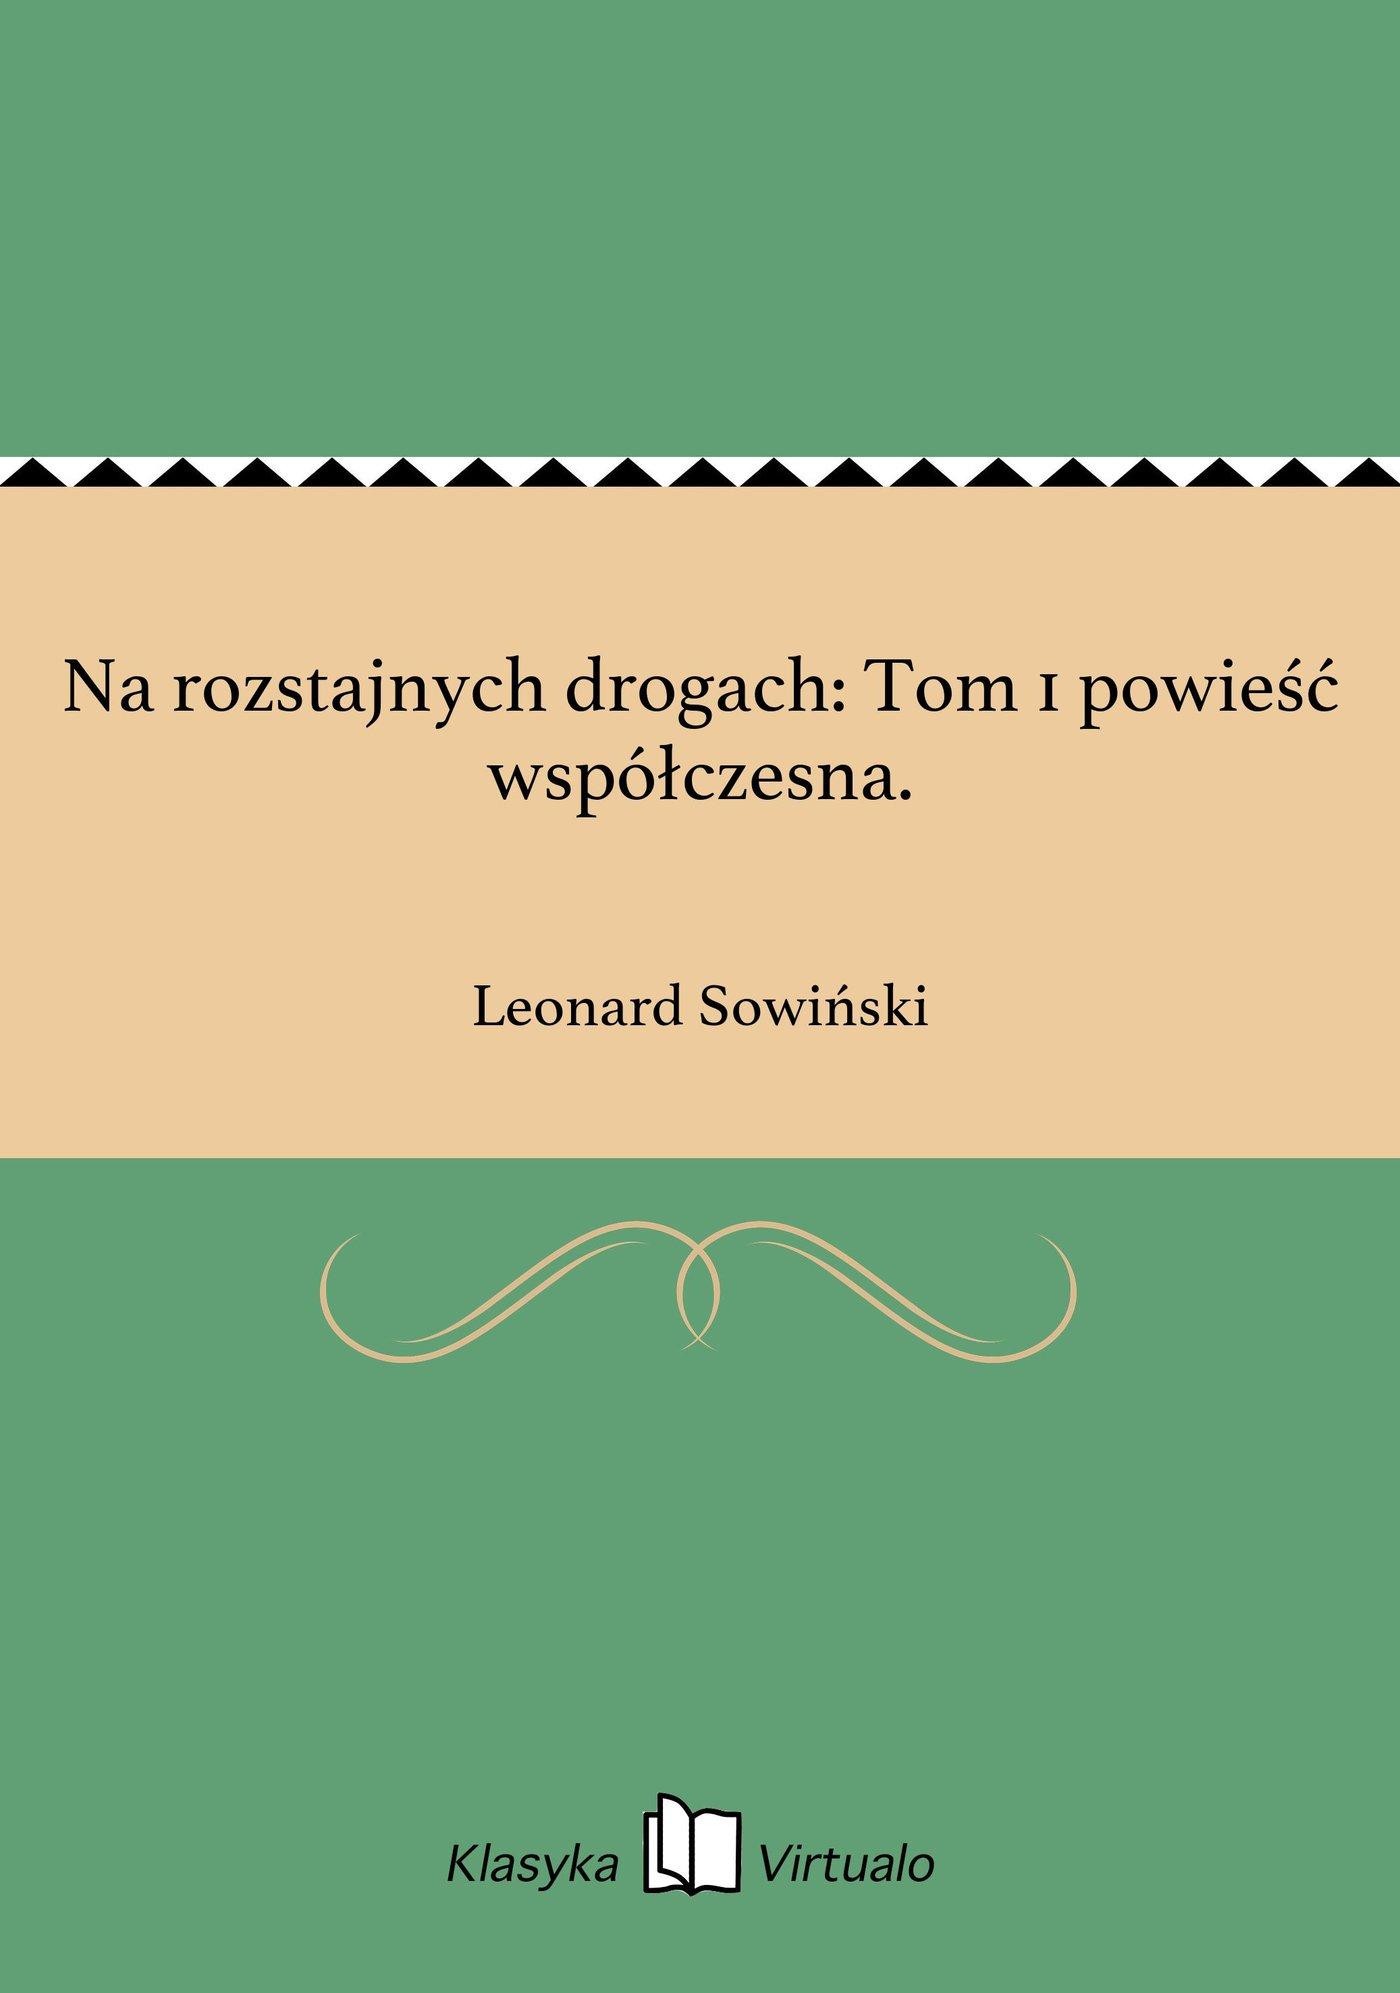 Na rozstajnych drogach: Tom 1 powieść współczesna. - Ebook (Książka EPUB) do pobrania w formacie EPUB